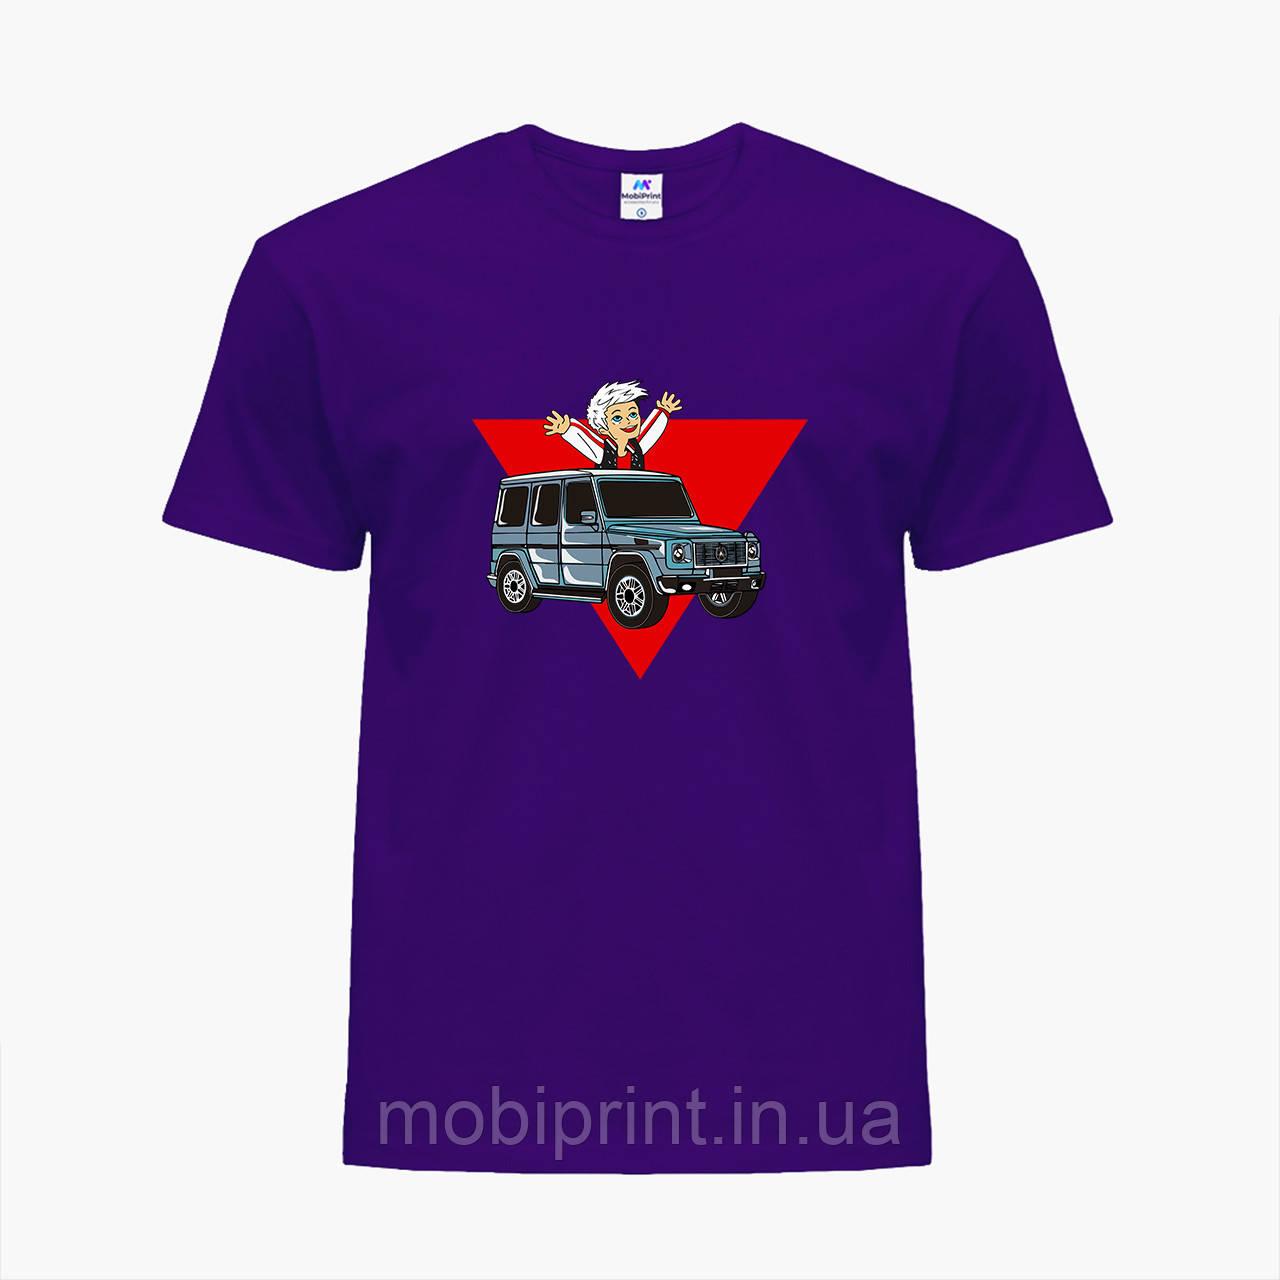 Дитяча футболка для хлопчиків блогер Влад Папір А4 (blogger Vlad A4) (25186-2618) Фіолетовий